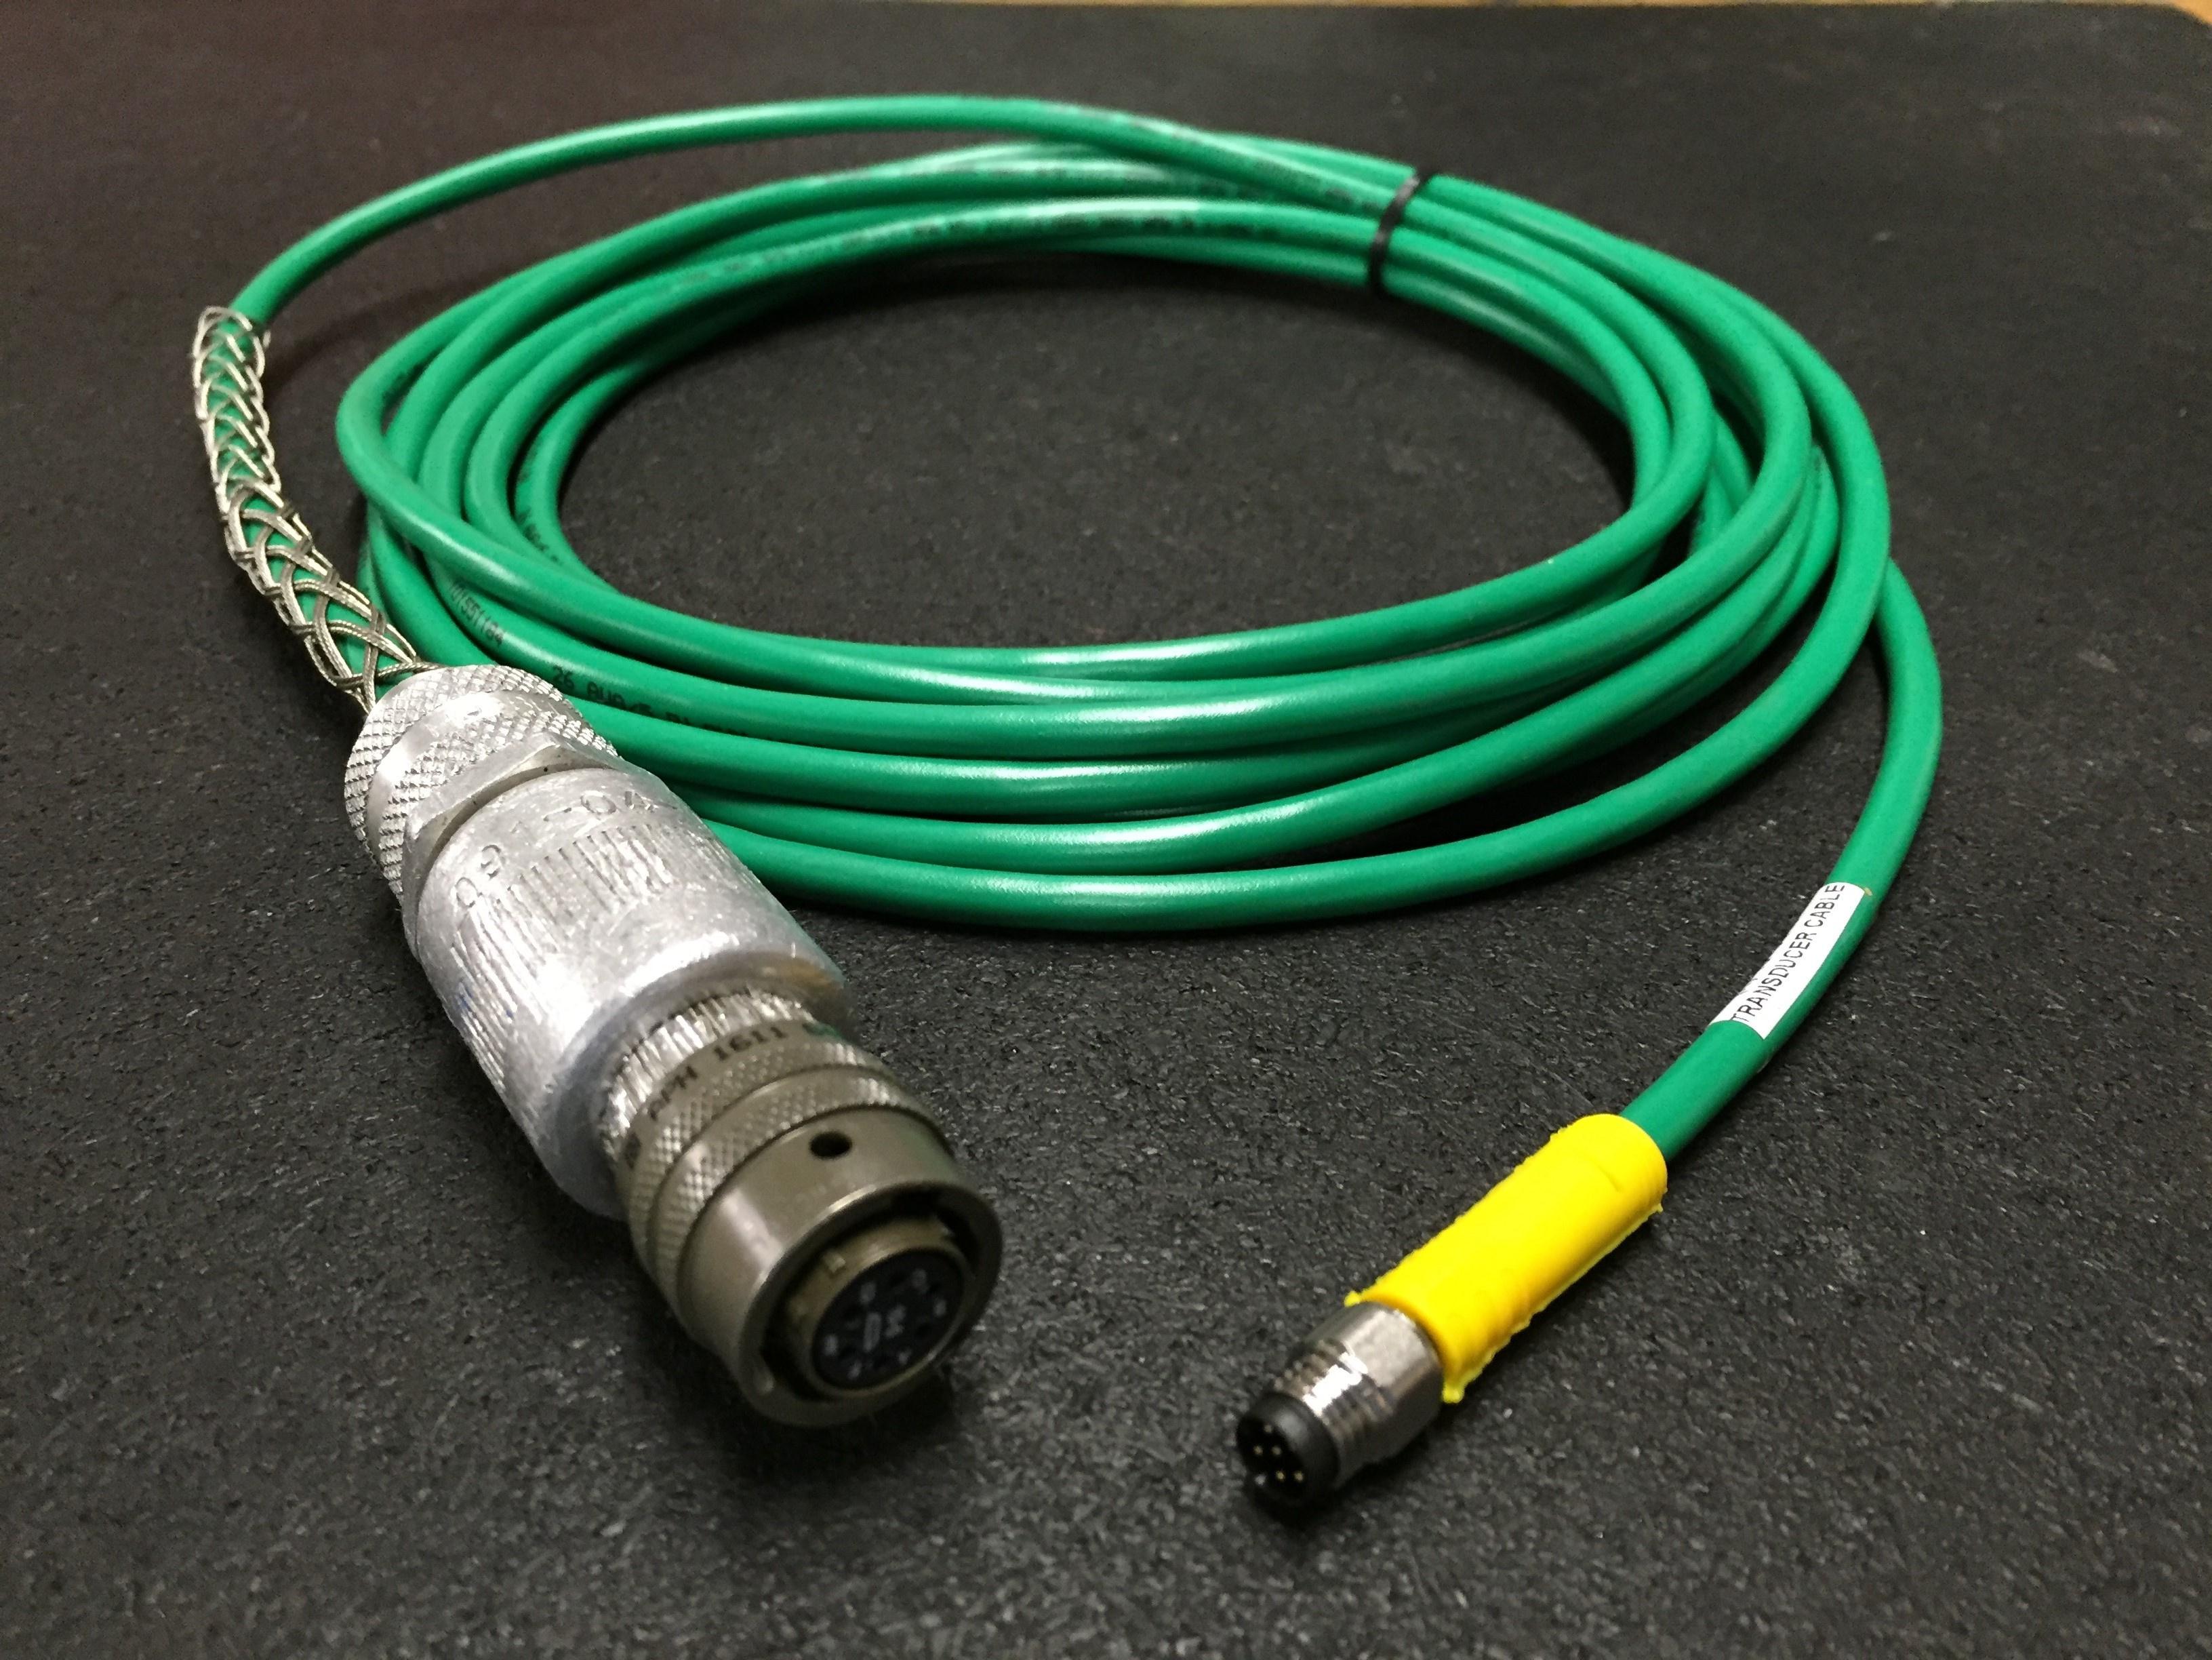 https://0201.nccdn.net/1_2/000/000/11d/c8a/80-Bay-Cable-2--2--3263x2448.jpg